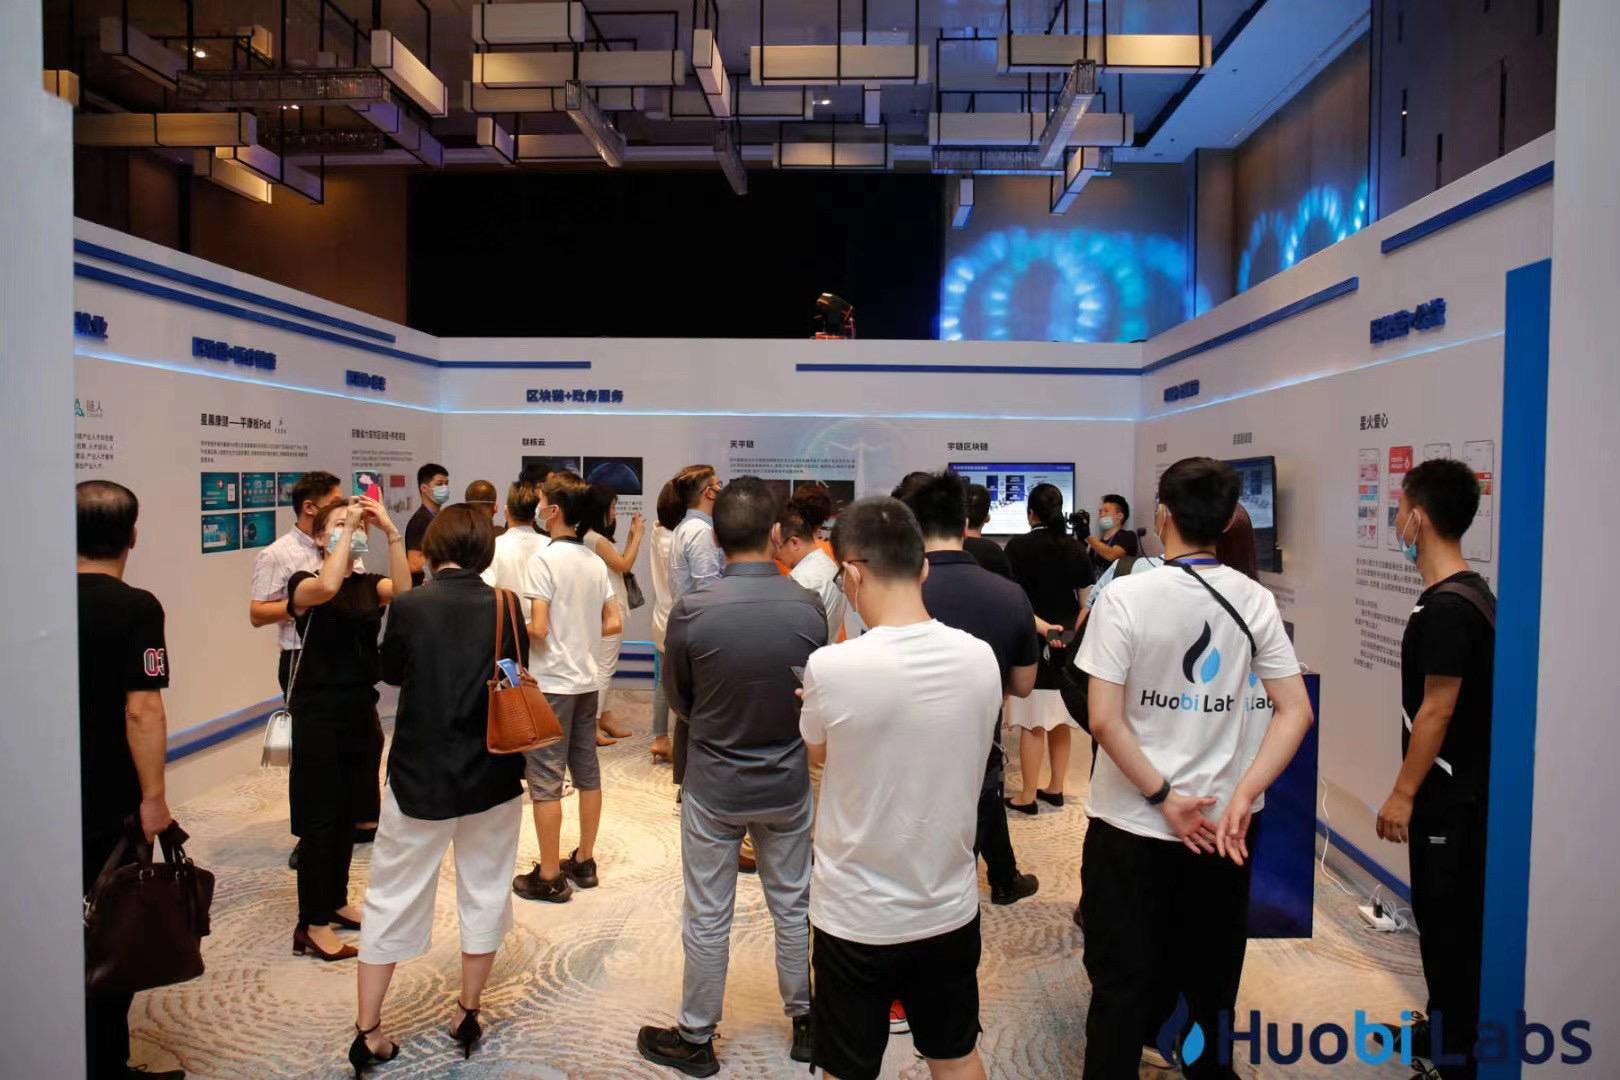 聚势链接,共创未来 | 火币Labs第一届区块链产业博览会圆满收官